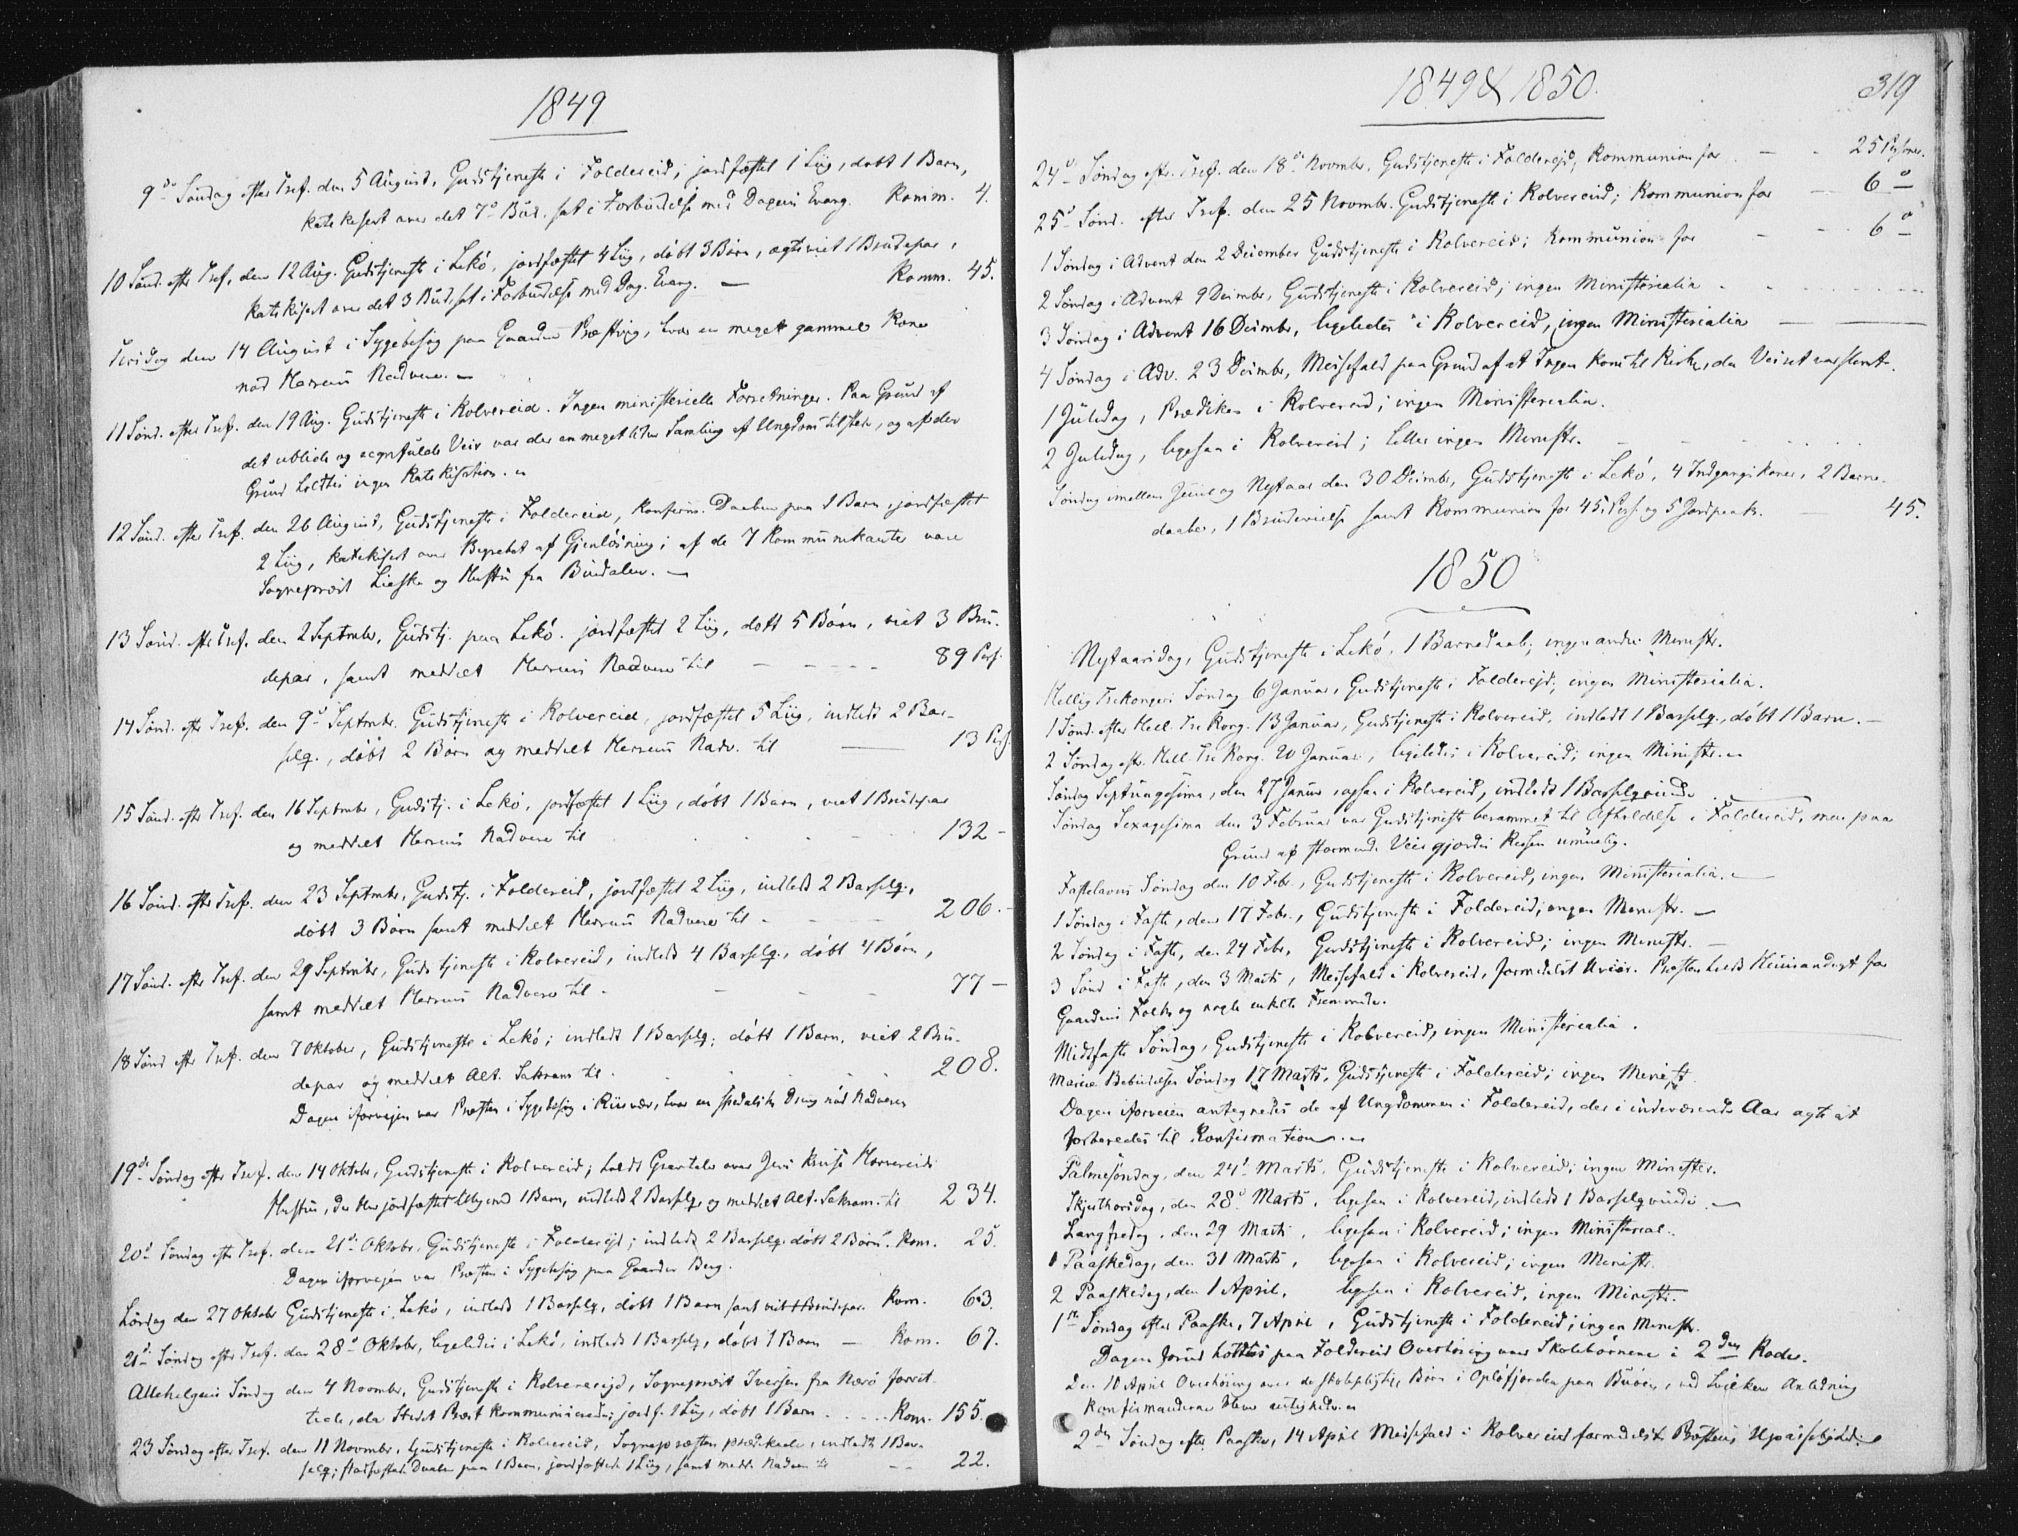 SAT, Ministerialprotokoller, klokkerbøker og fødselsregistre - Nord-Trøndelag, 780/L0640: Ministerialbok nr. 780A05, 1845-1856, s. 319